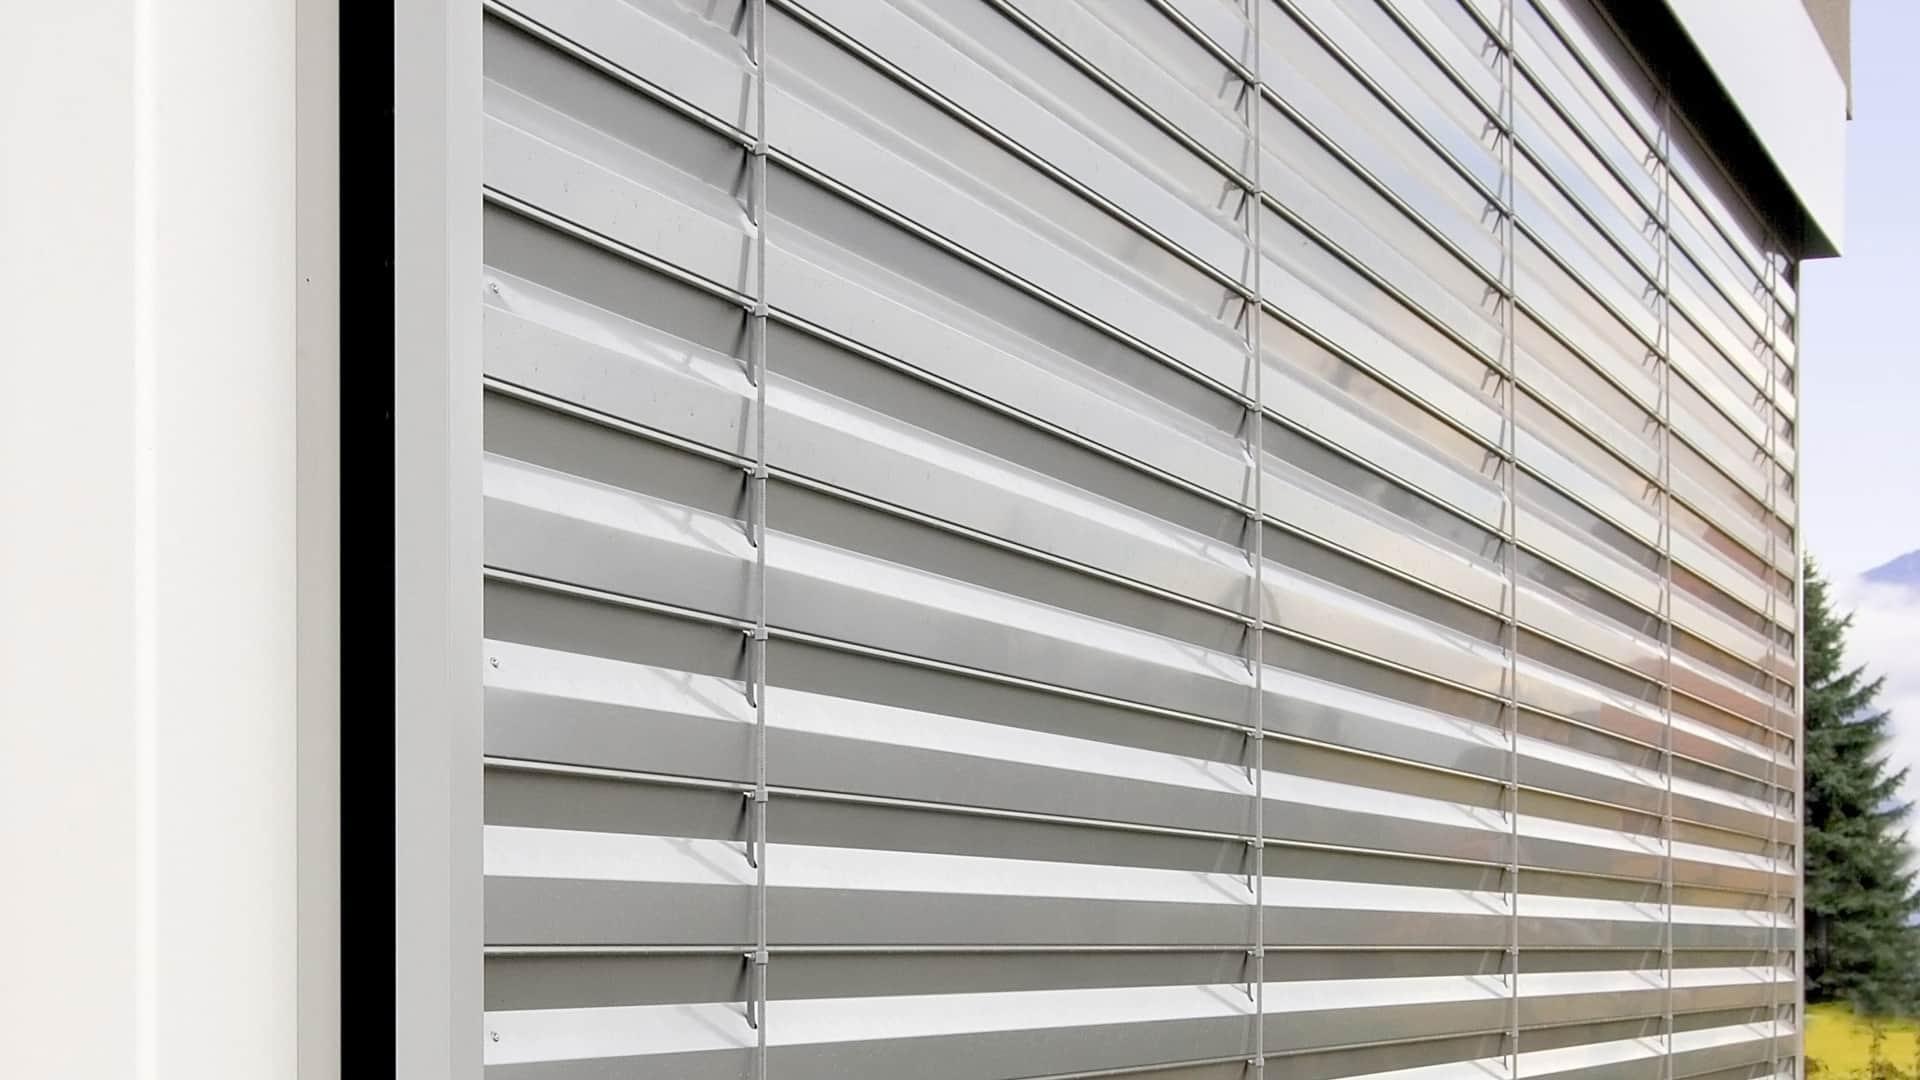 Rollladen - mehr als nur ein Sonnenschutz